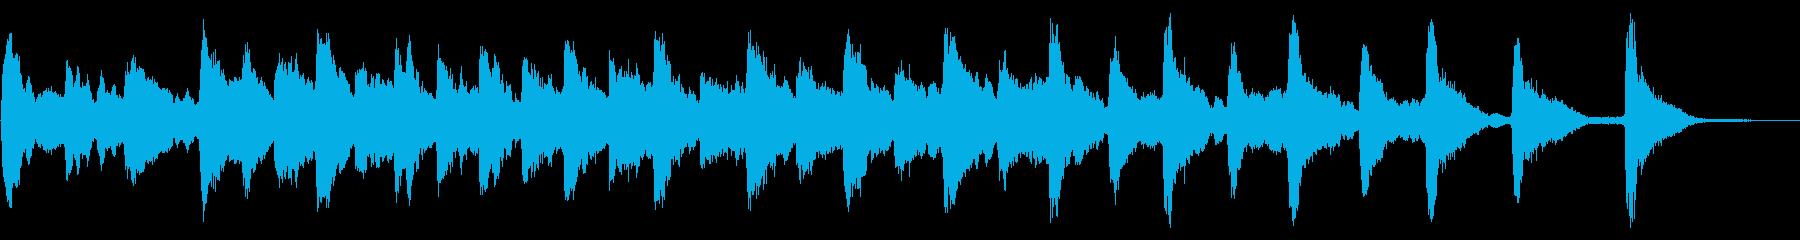 レプトンチャーチアベル:リンギングの再生済みの波形